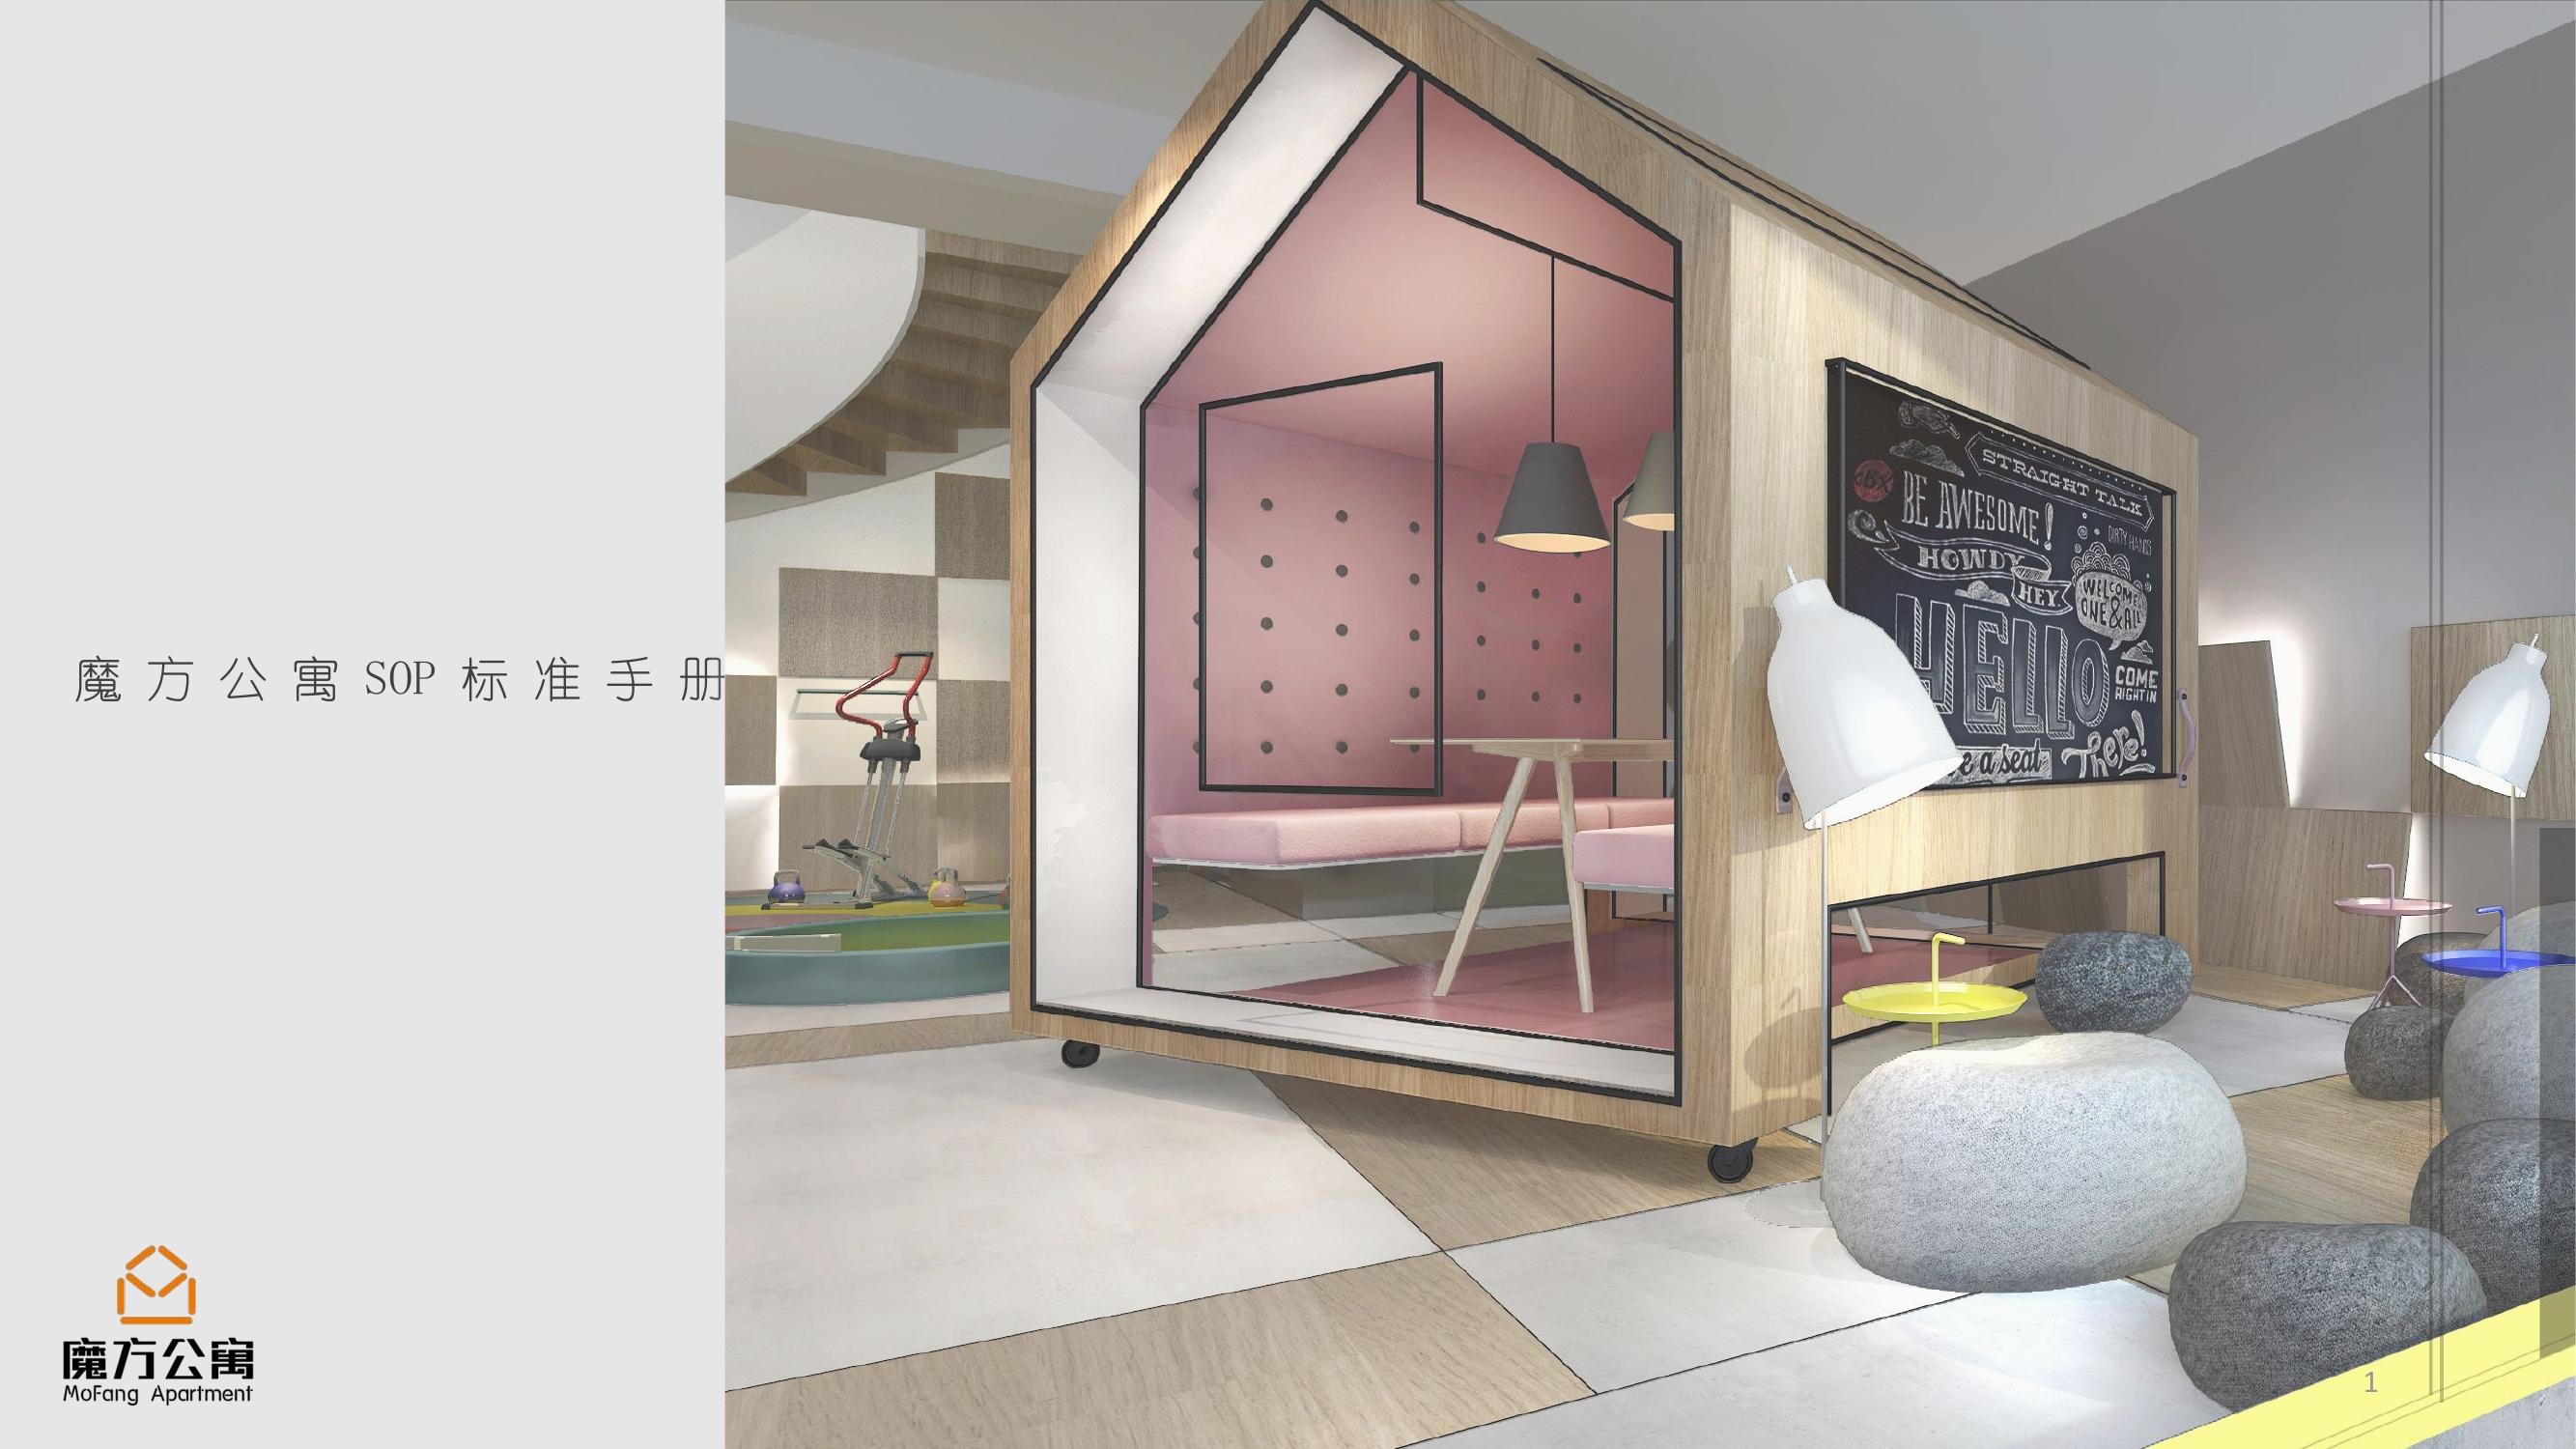 [魔方公寓]室内设计指导手册+规范丨PPT(可随意编辑)+PDF丨126P